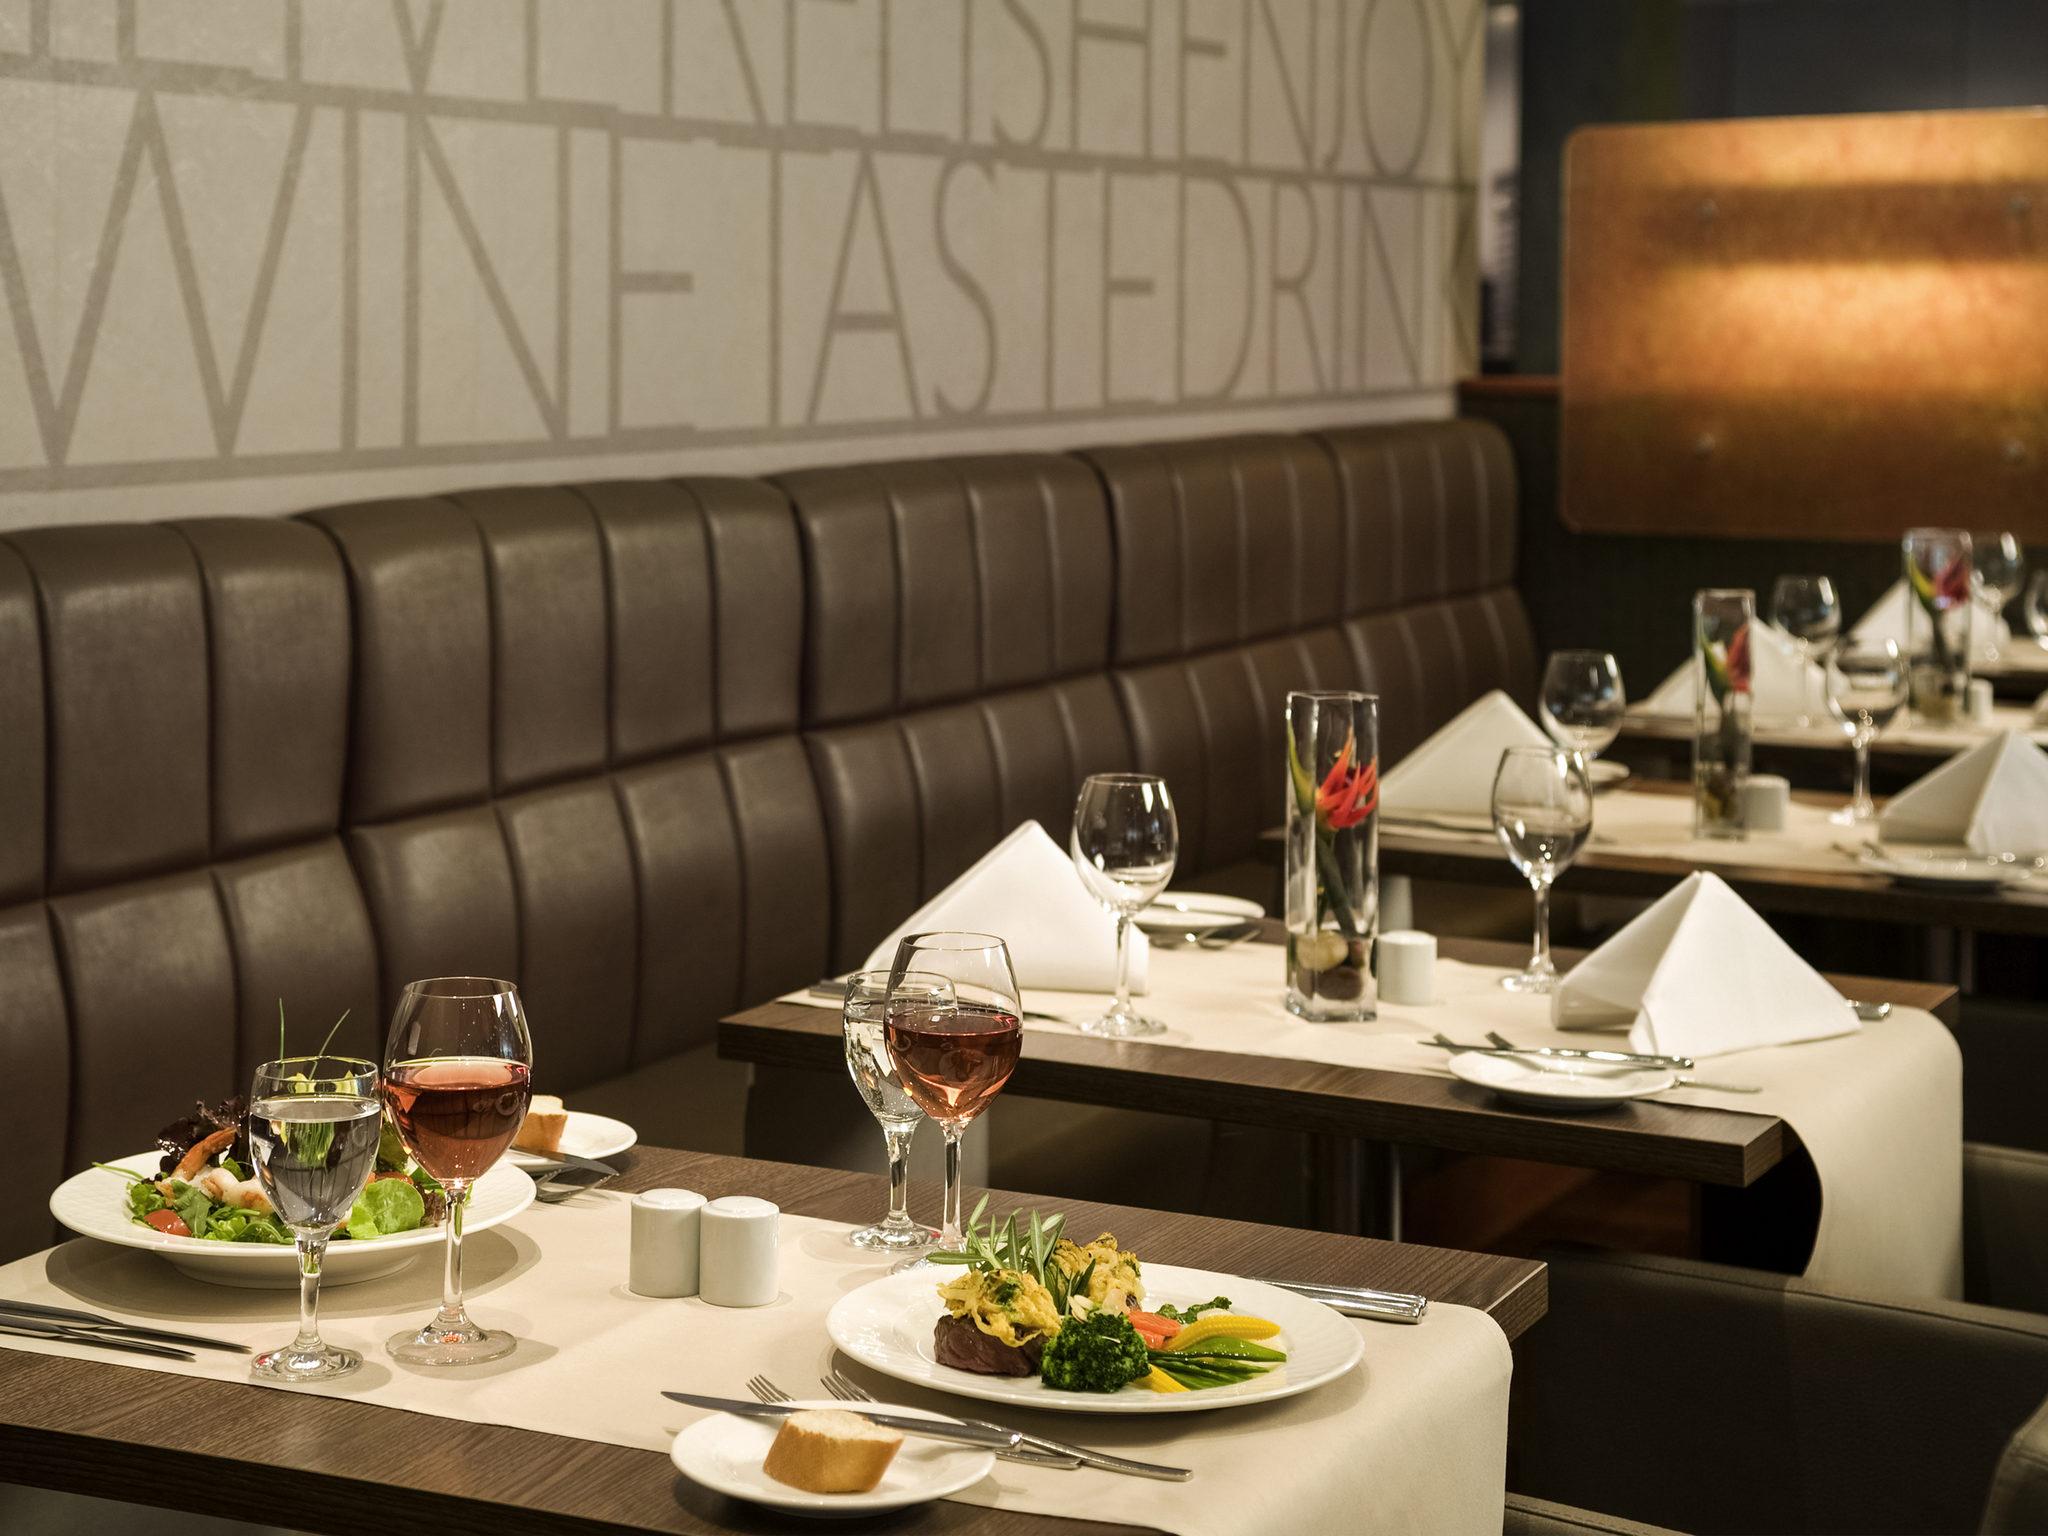 ホテル – ノボテルデュッセルドルフシティヴェスト (ゼーシュテルン)